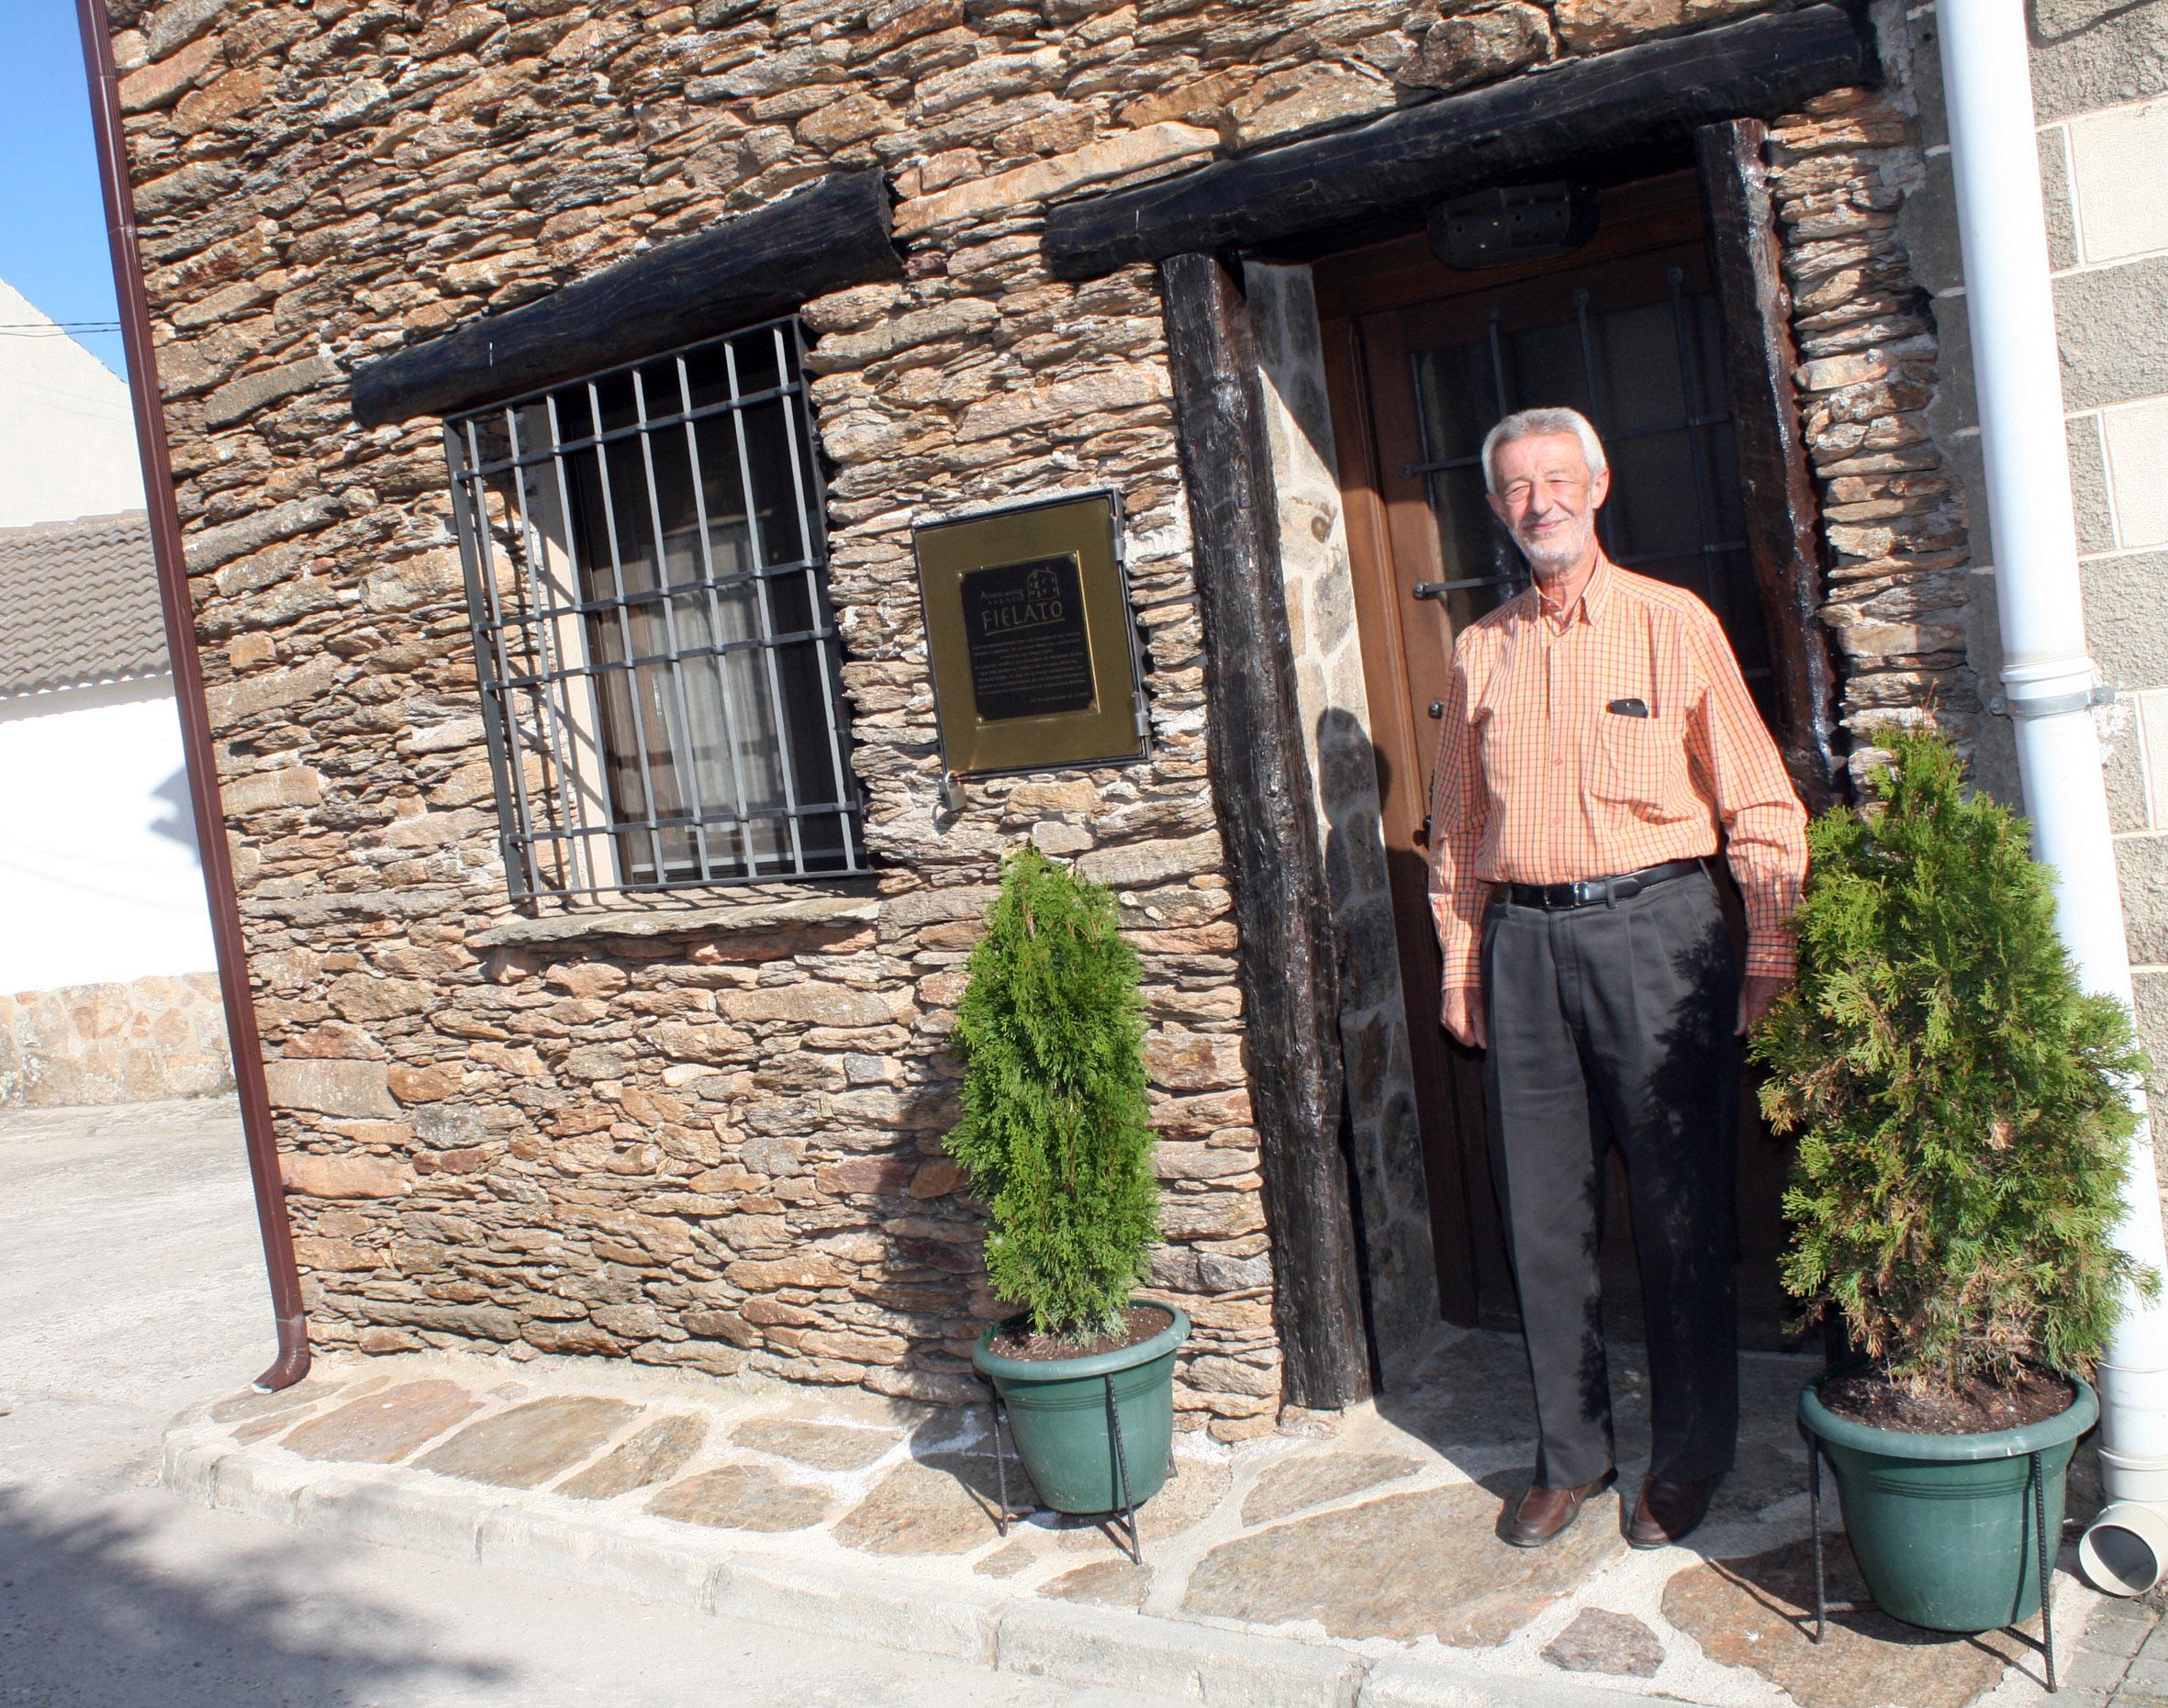 Las minas podr an volver a generar riqueza en hiendelaencina adel sierra norte - Casa rural hiendelaencina ...